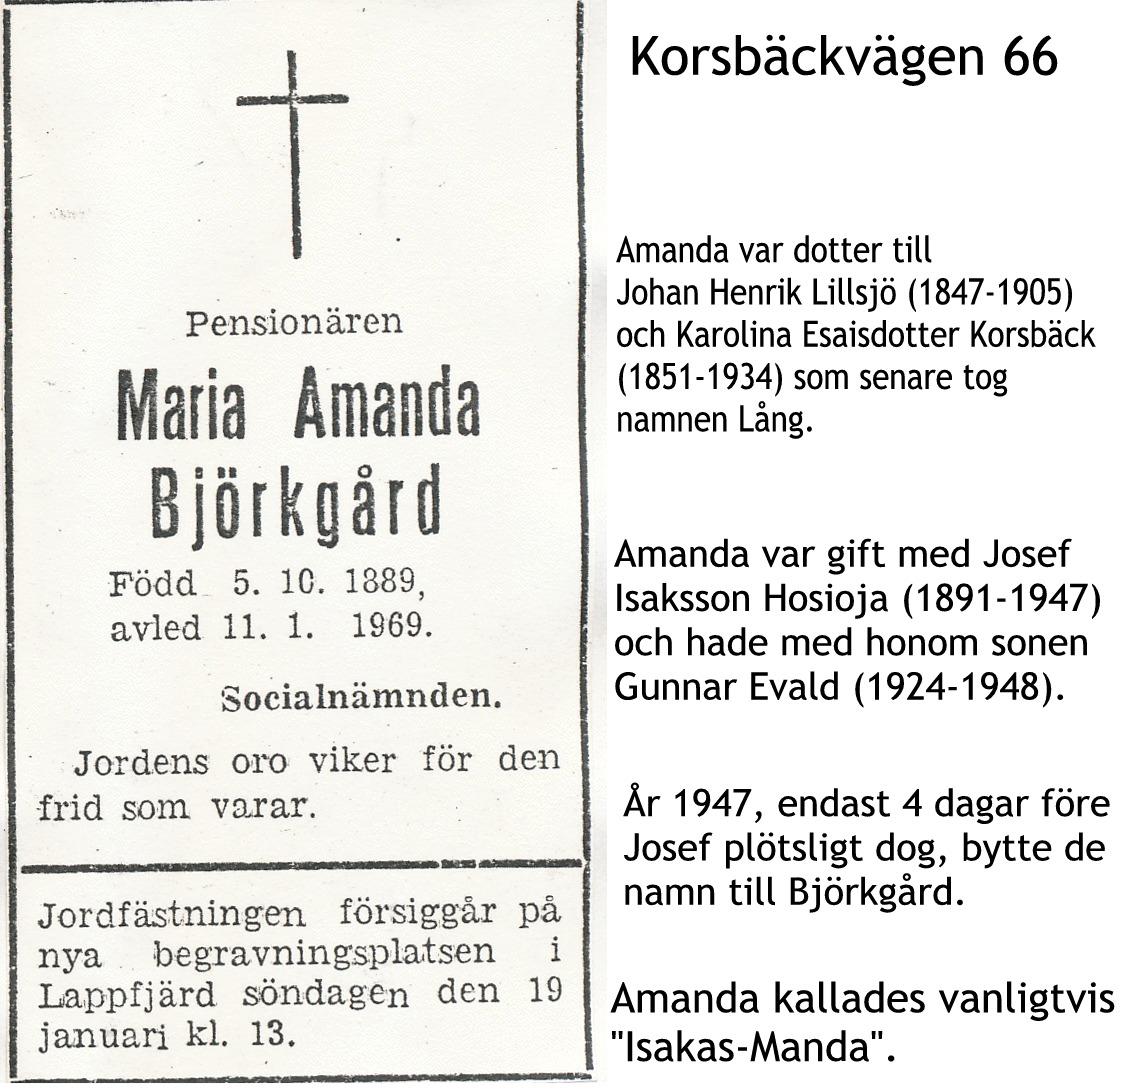 Björkgård Amanda, Hosioja